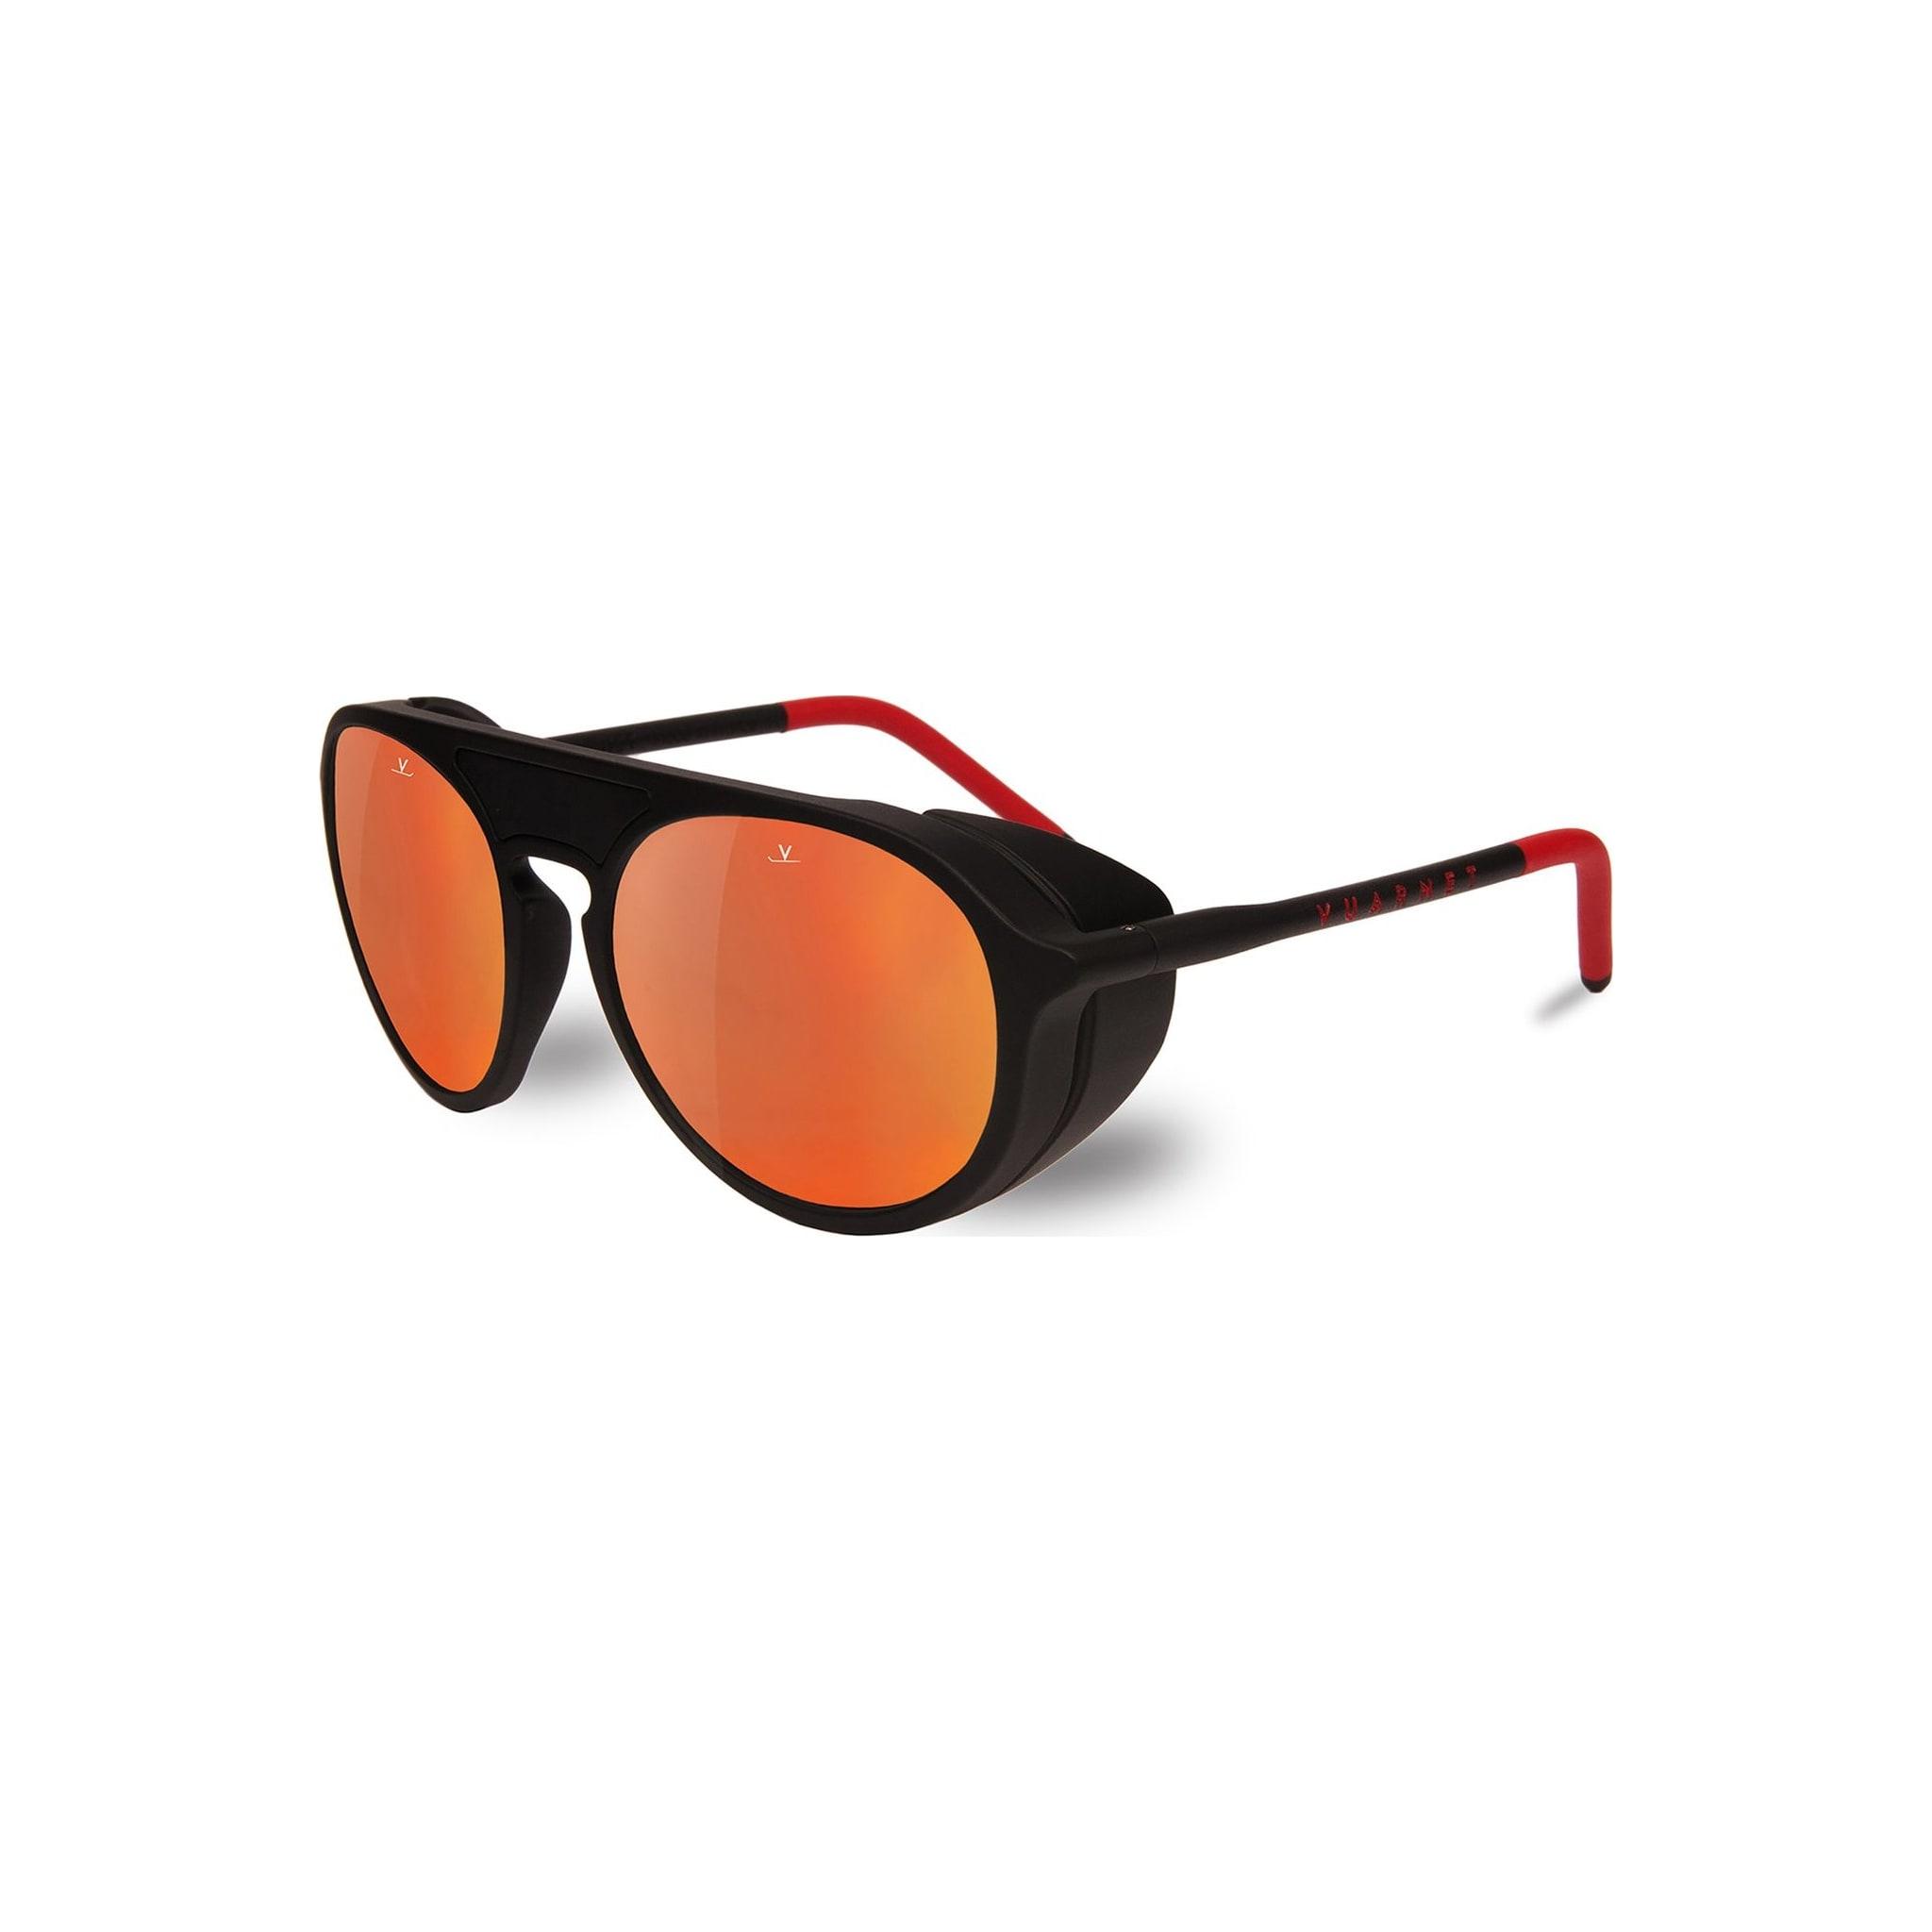 Eksklusive briller med svært tekniske detaljer